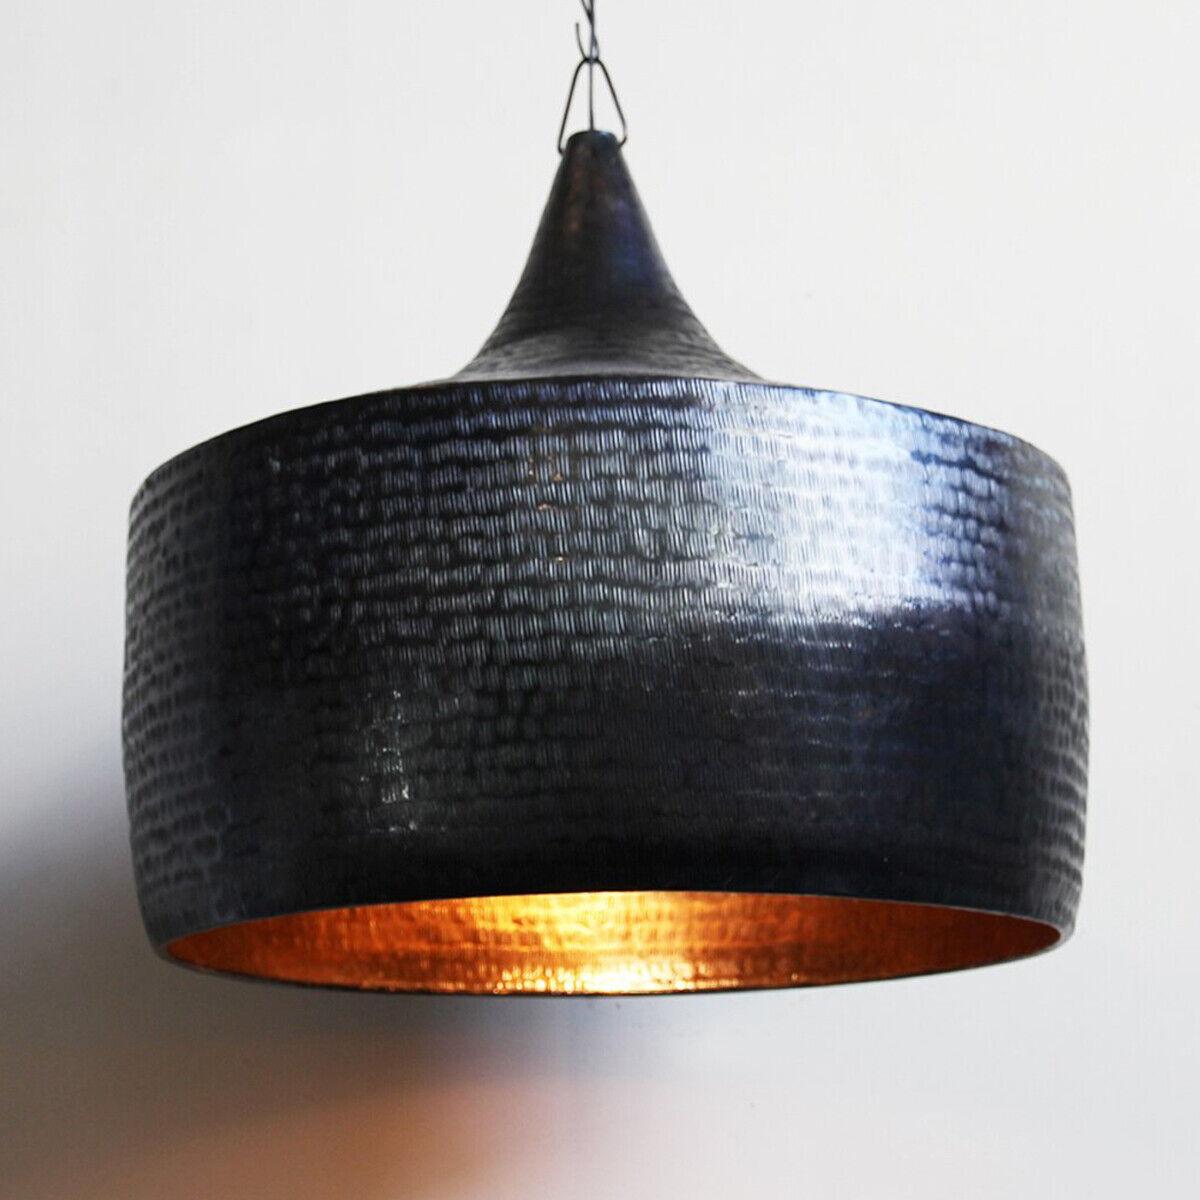 Copper Hammerot Pod Lantern Chandelier Handmade pendant Light Dark Bronze Art